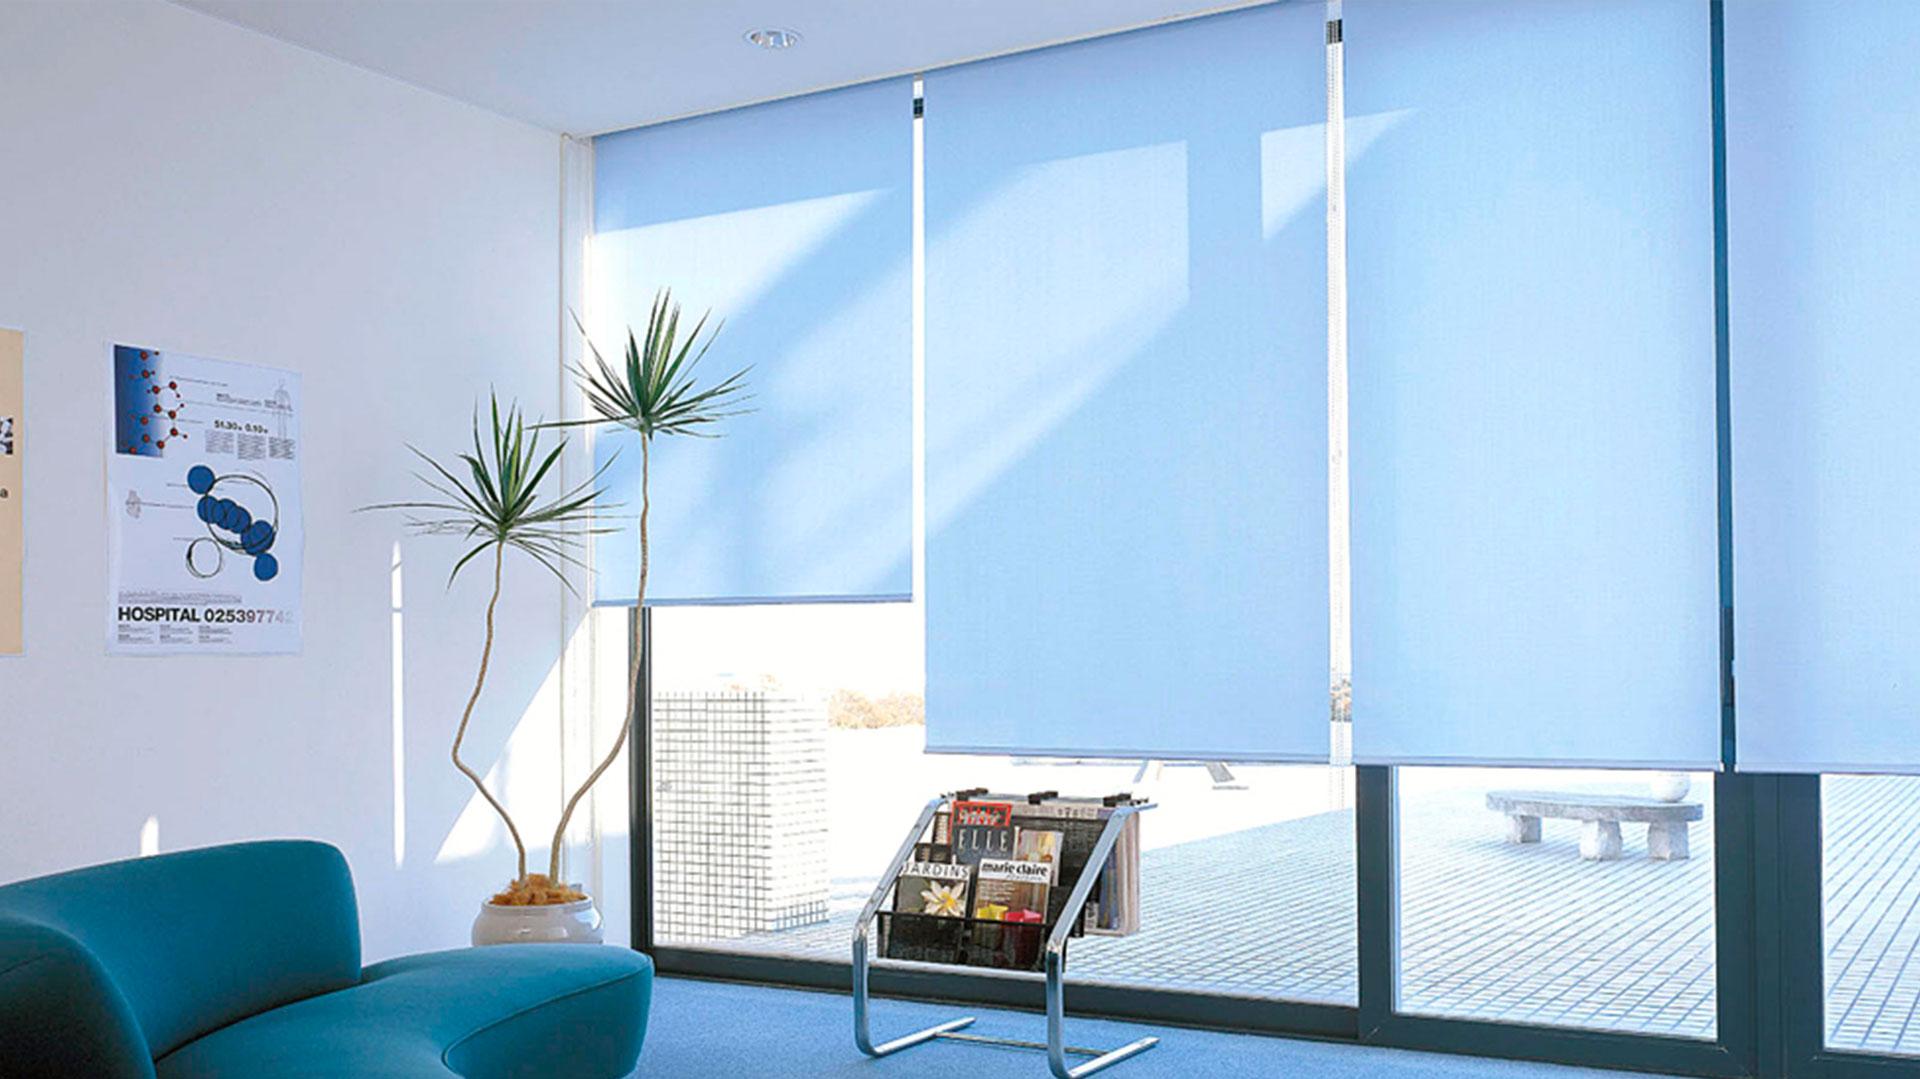 Tende Per Soffitti Inclinati tende per uffici brescia | sopralluogo e preventivo gratuito